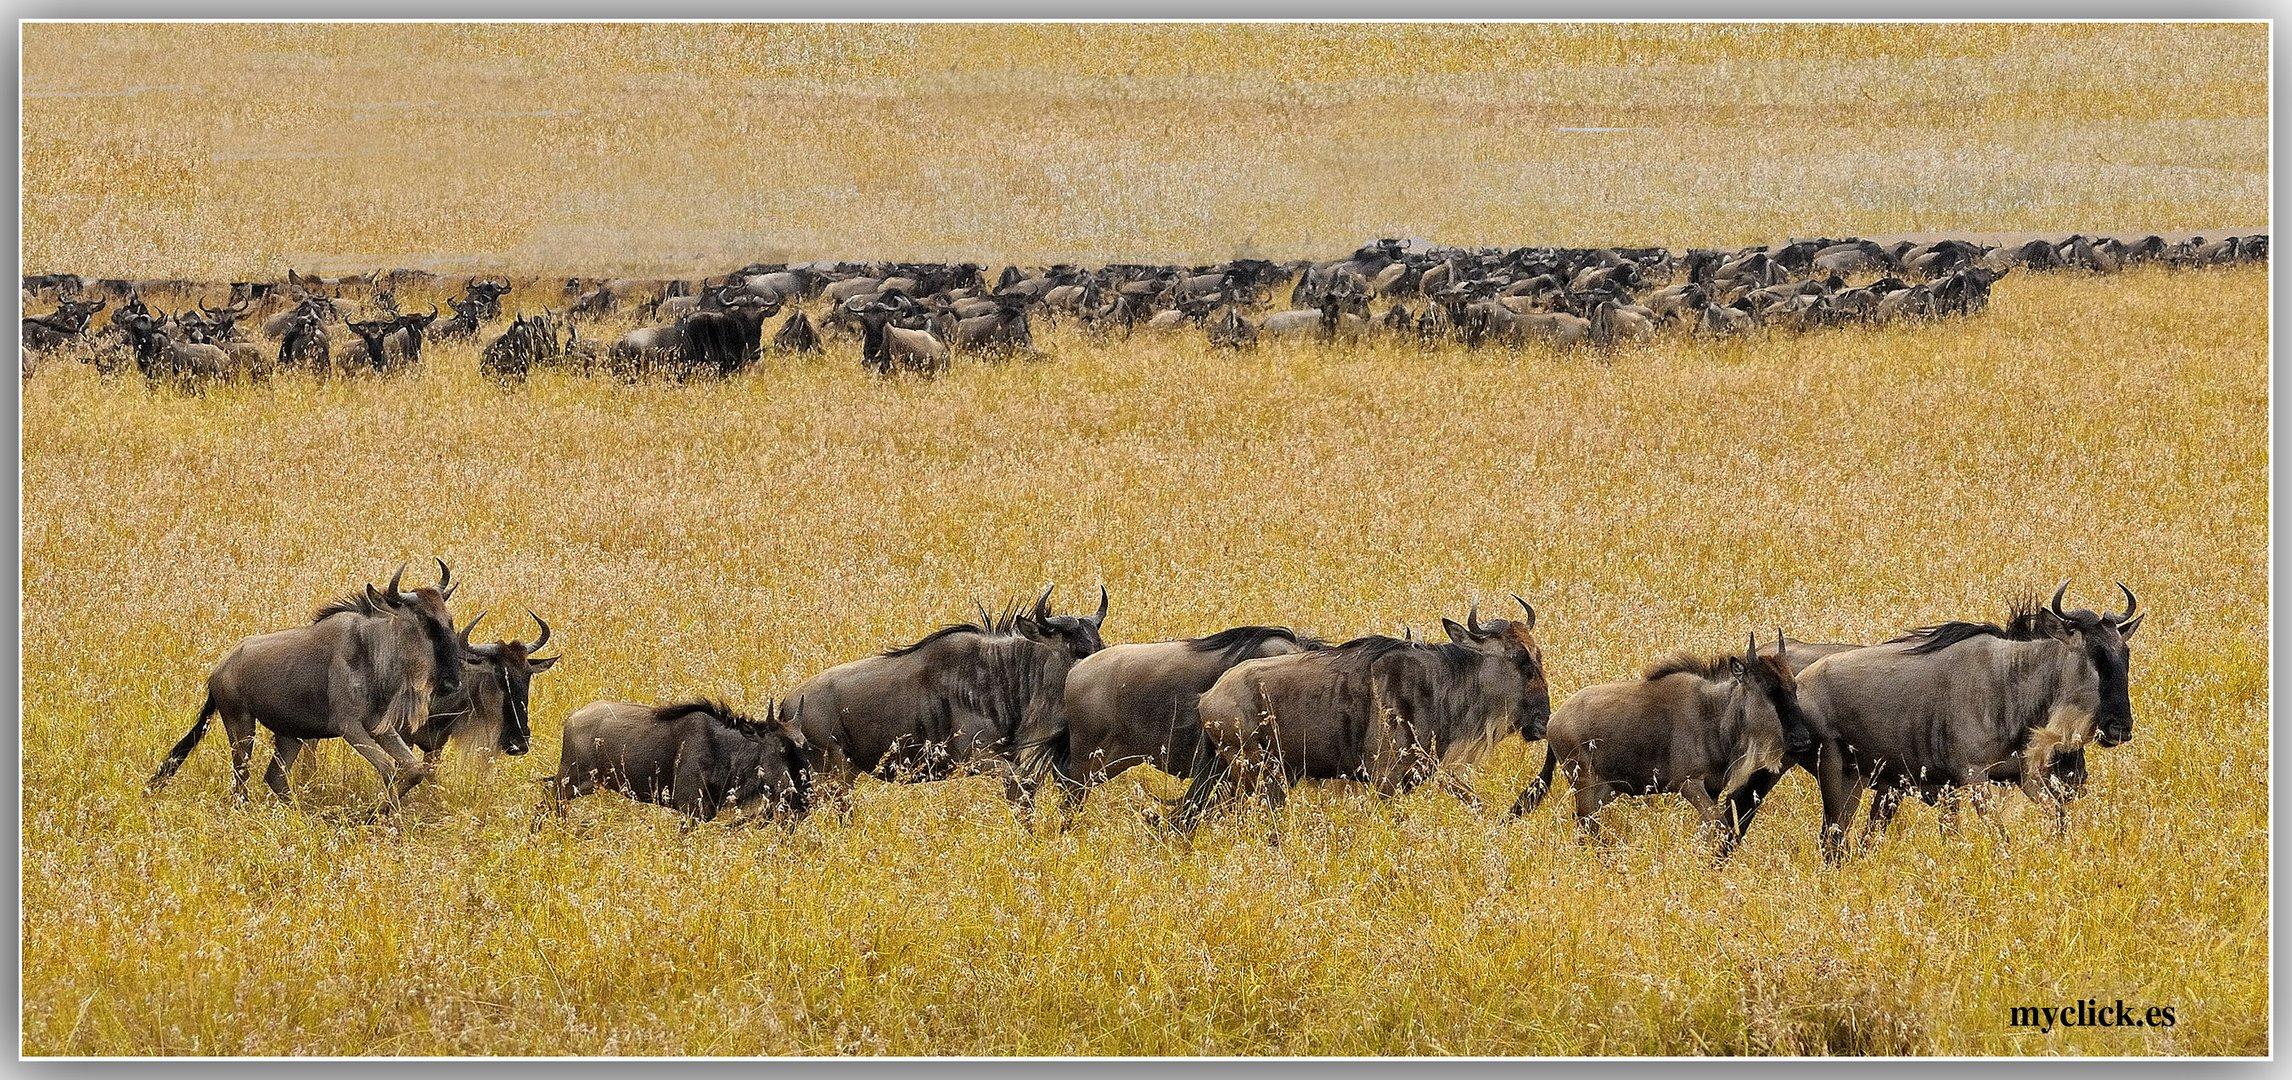 MEMORIAS DE AFRICA-ÑUS EN EL MASAI MARA-KENIA